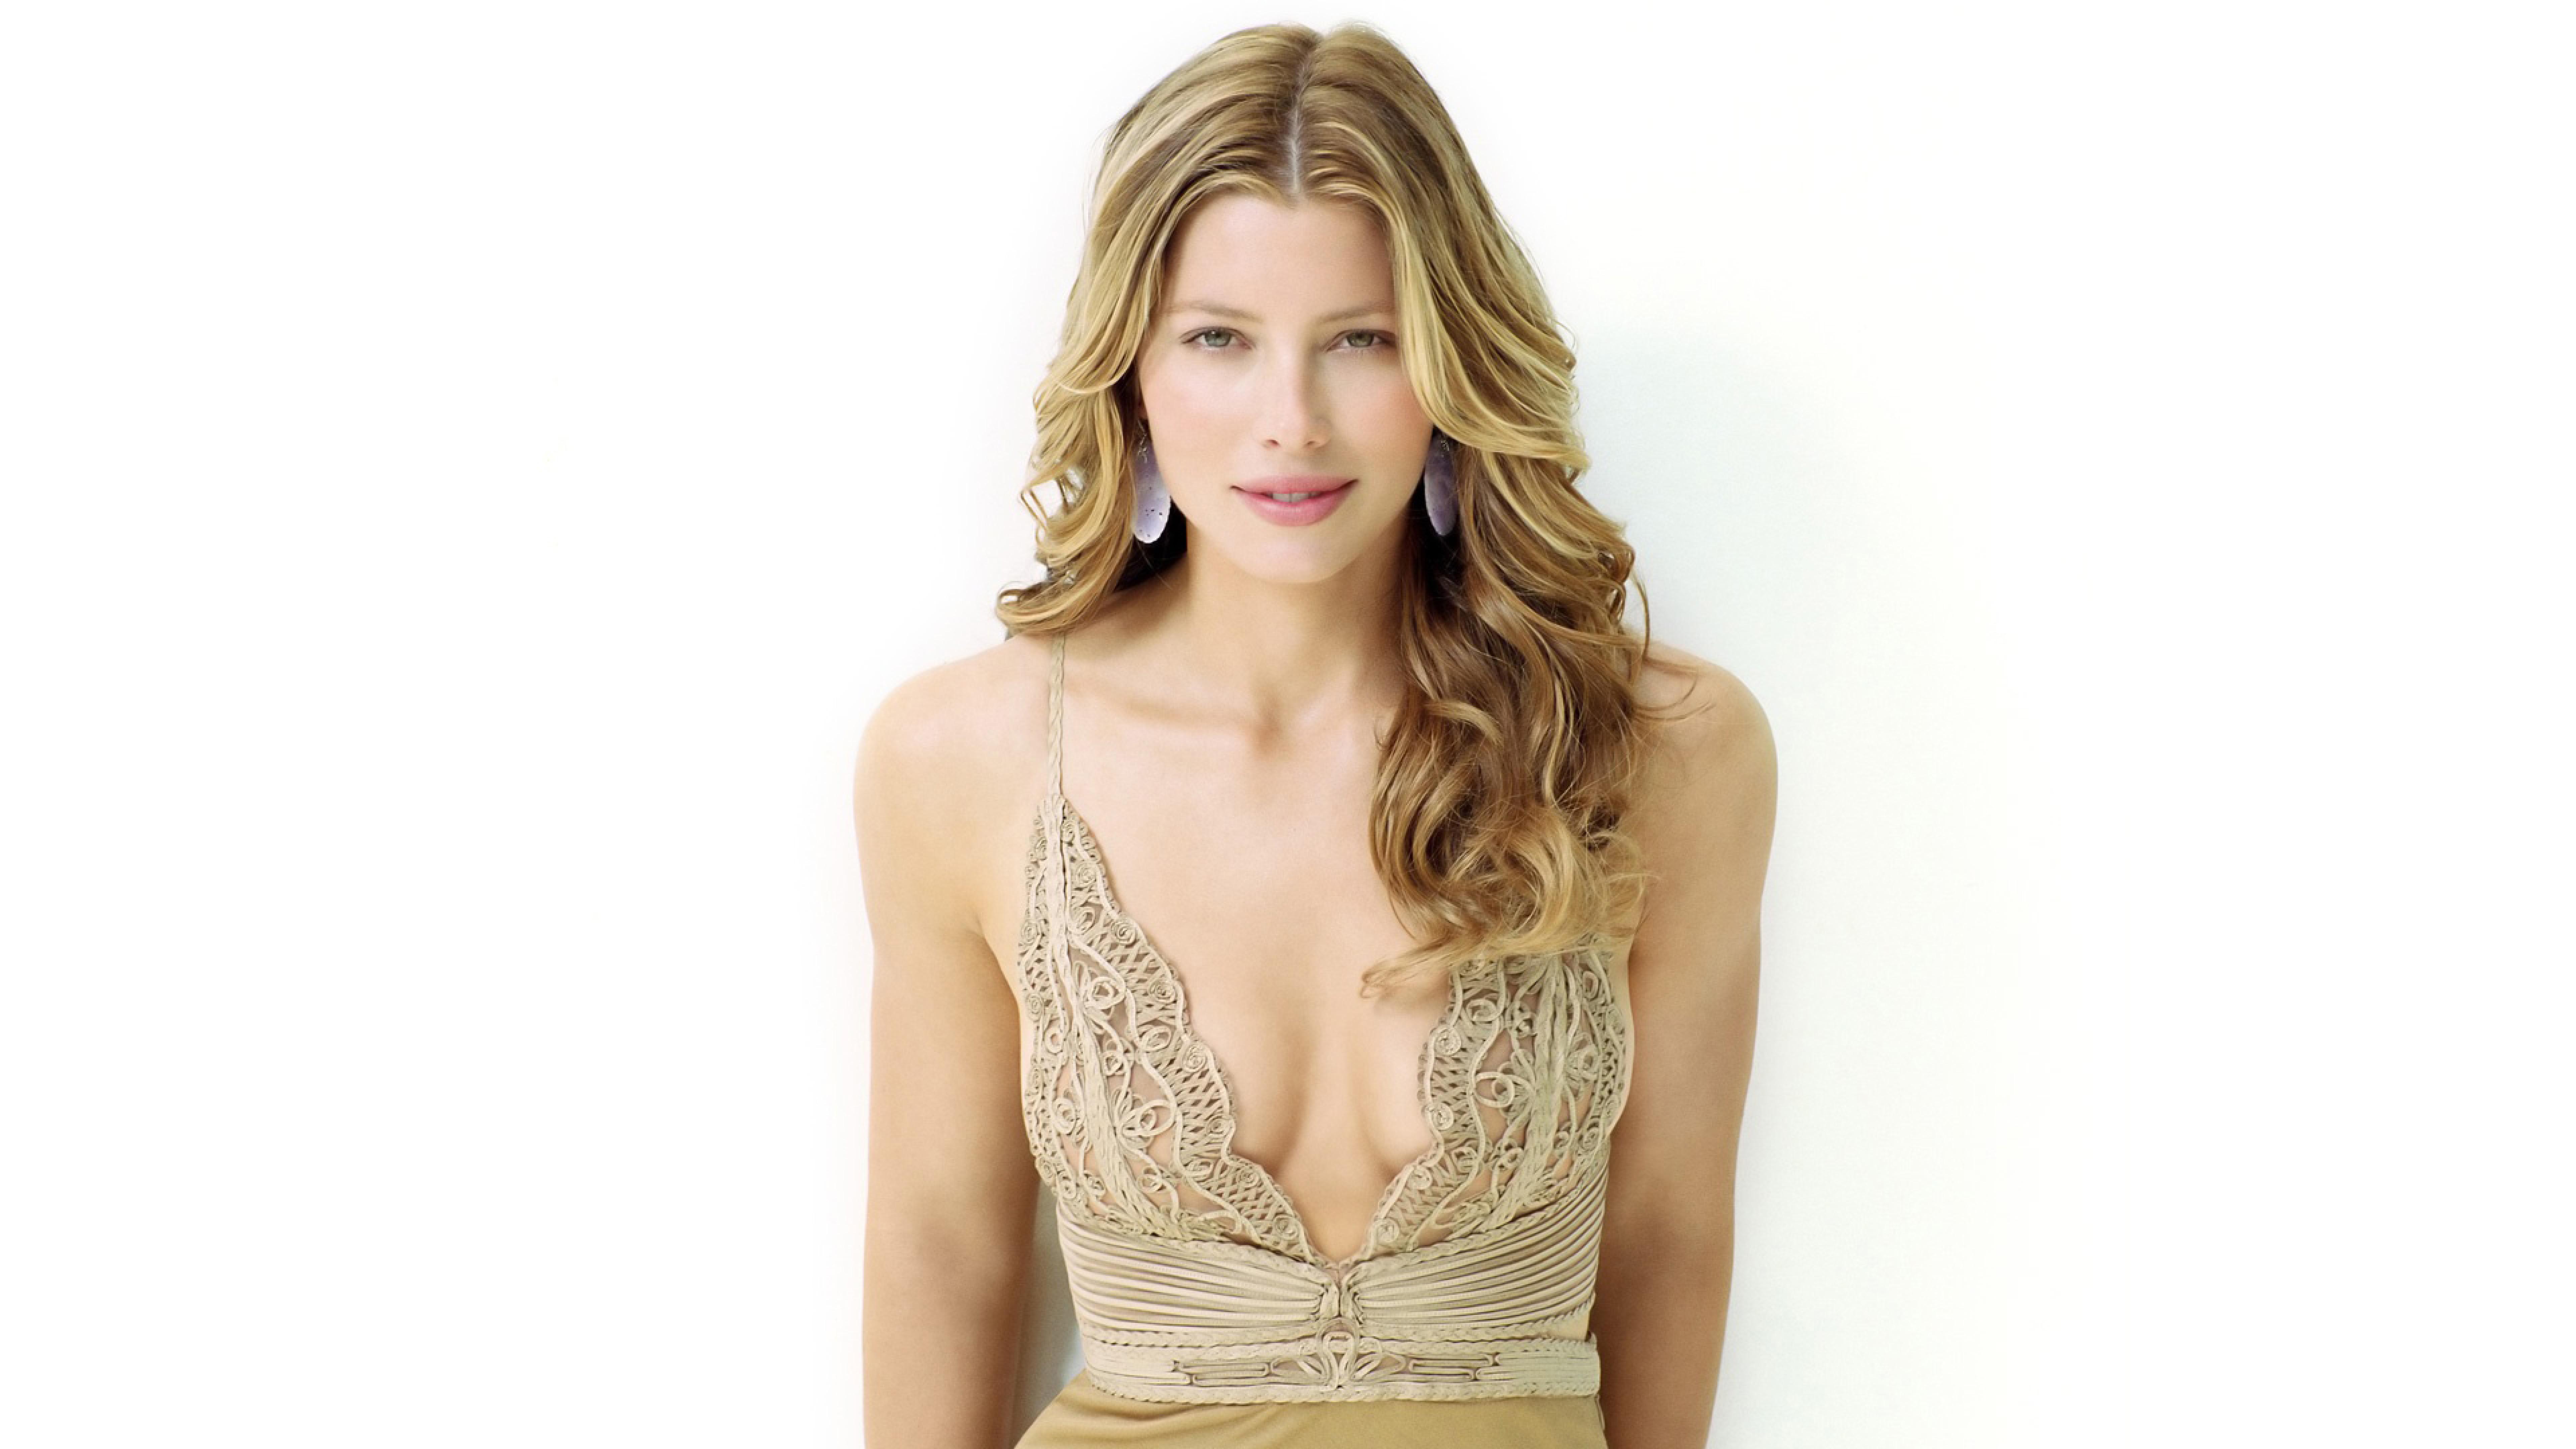 Jessica Biel Sexy Photoshoot, Full Hd Wallpaper-9163